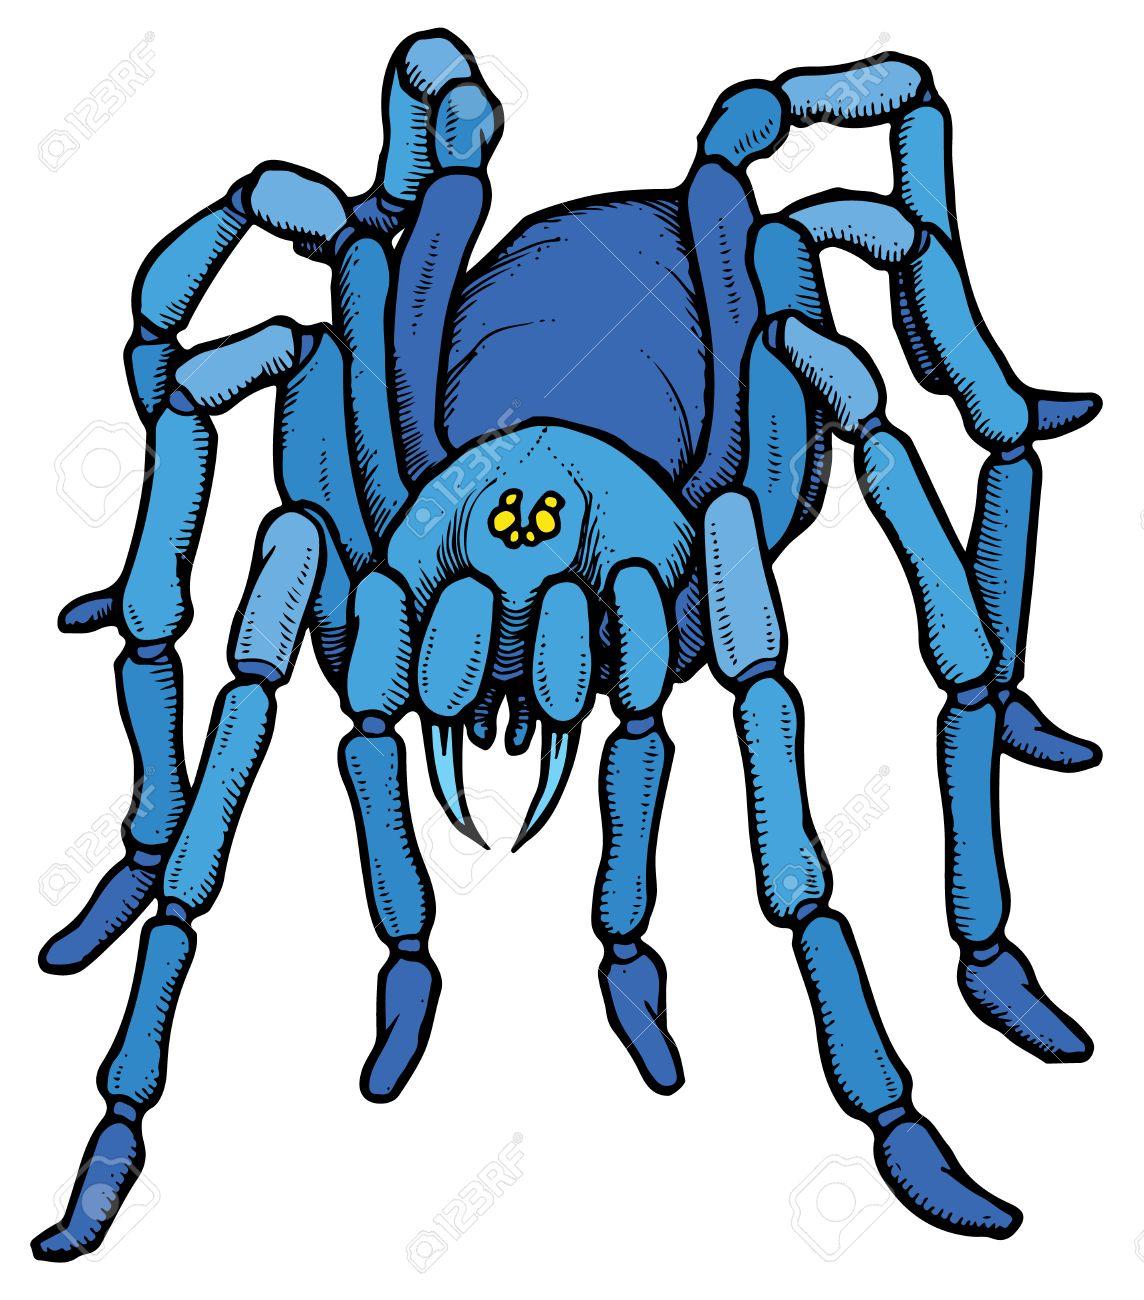 Estilizado Dibujo Animado Azul Tarántula - Ilustración Vectorial ...